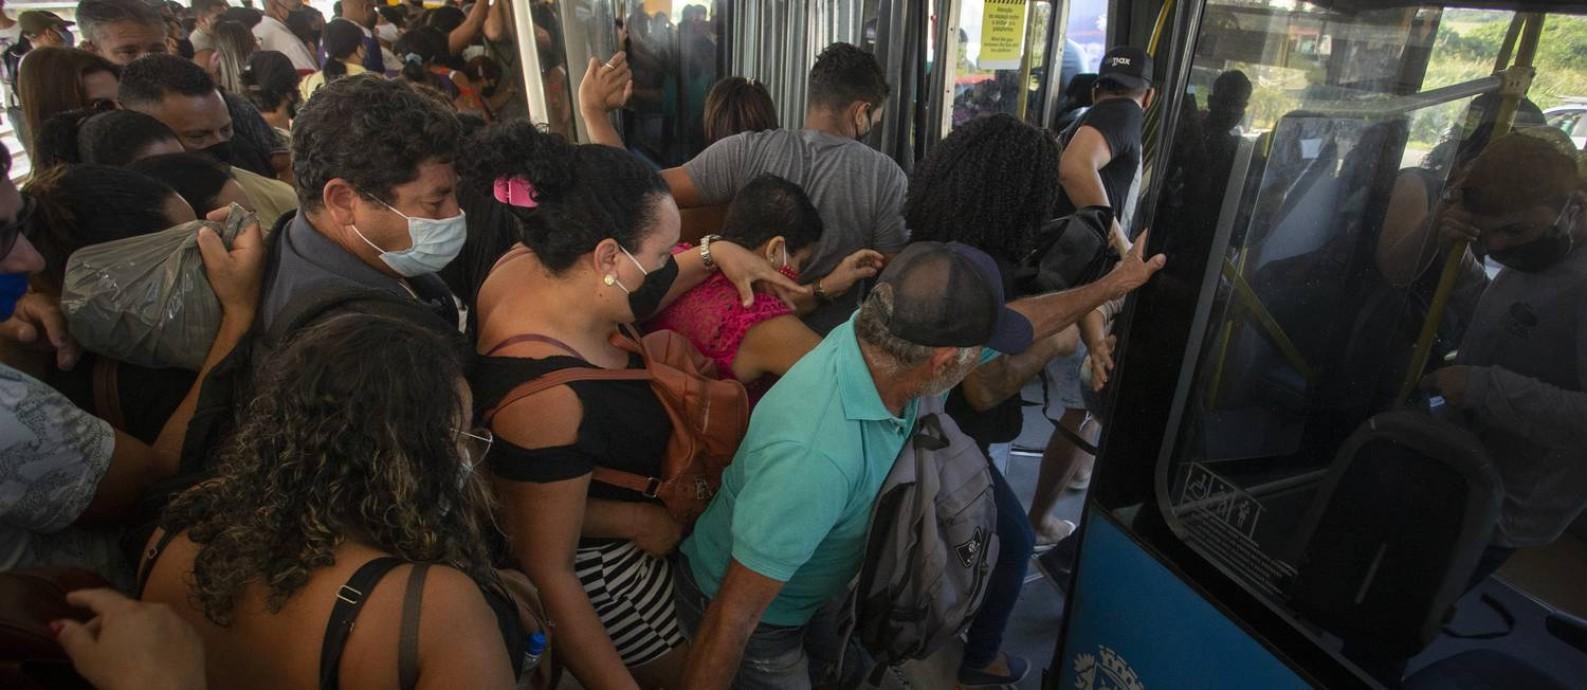 Passageiros se espremem para entrar num ônibus do BRT na parada do Mato Alto, em Guaratiba Foto: Márcia Foletto/Agência O Globo